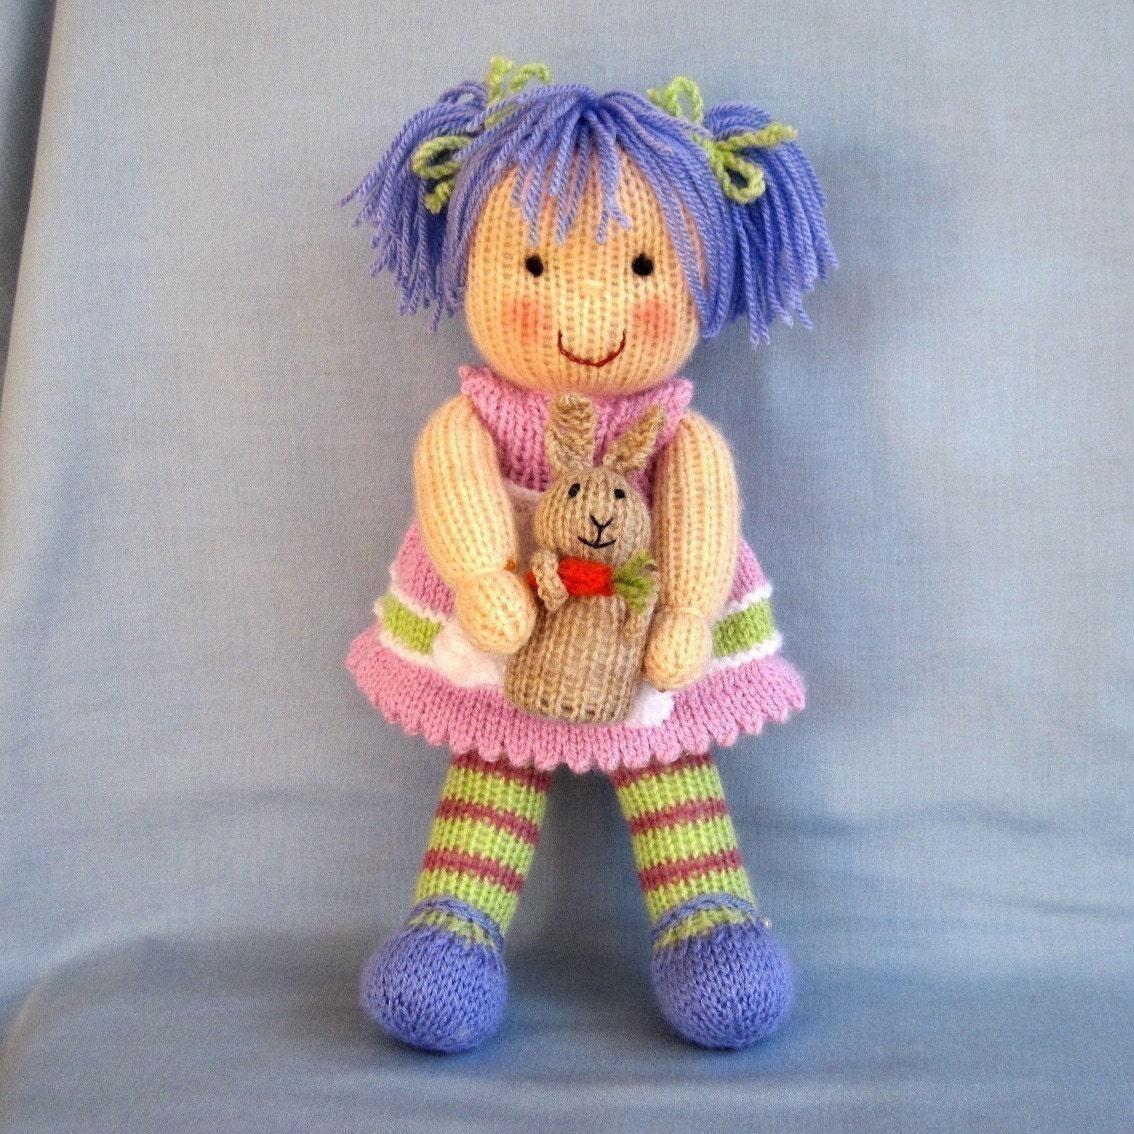 لوسی سنبل و خرگوش او -- عروسک اسباب بازی knitted -- ایمیل اف بافندگی الگوی